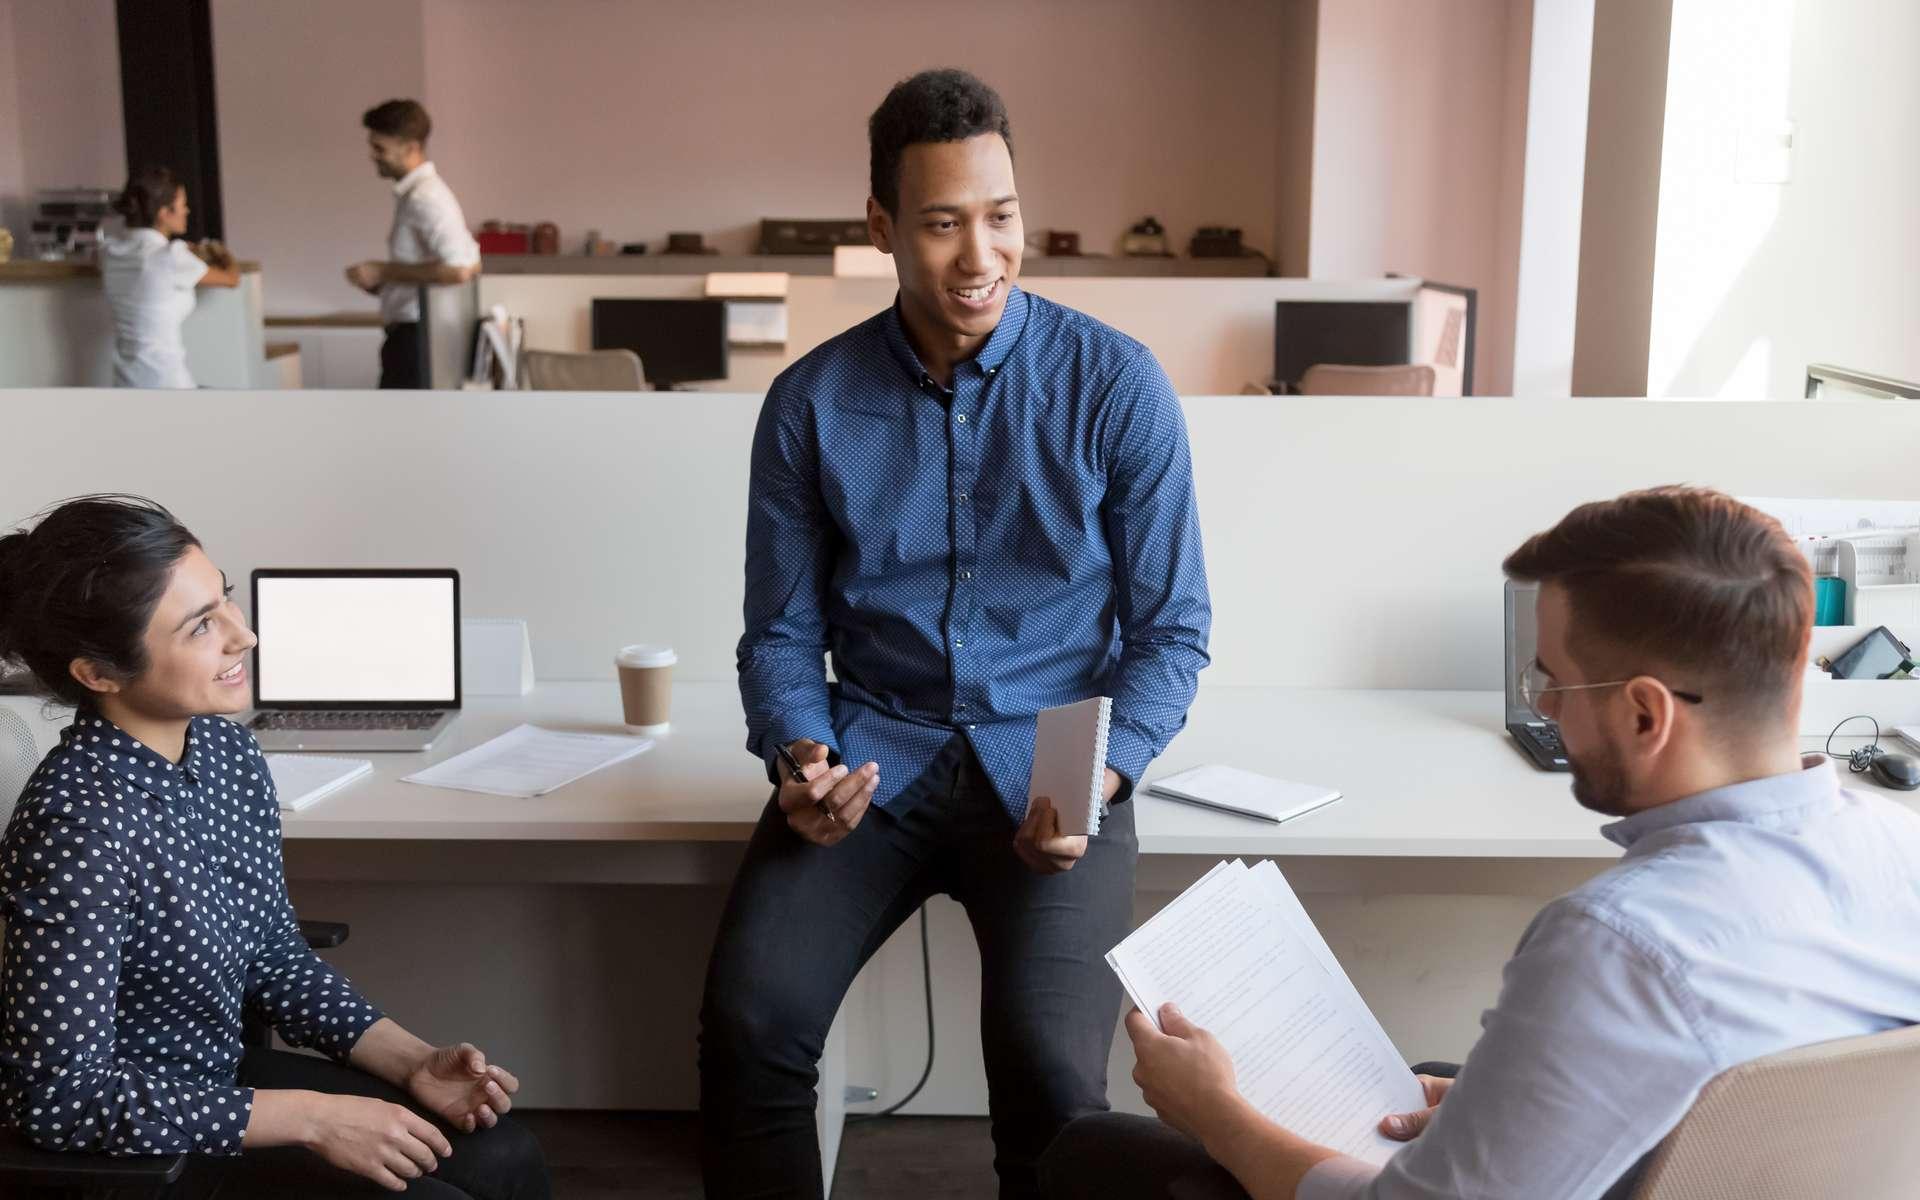 Découvrez les cinq clés essentielles pour développer son leadership. © fizkes, Adobe Stock